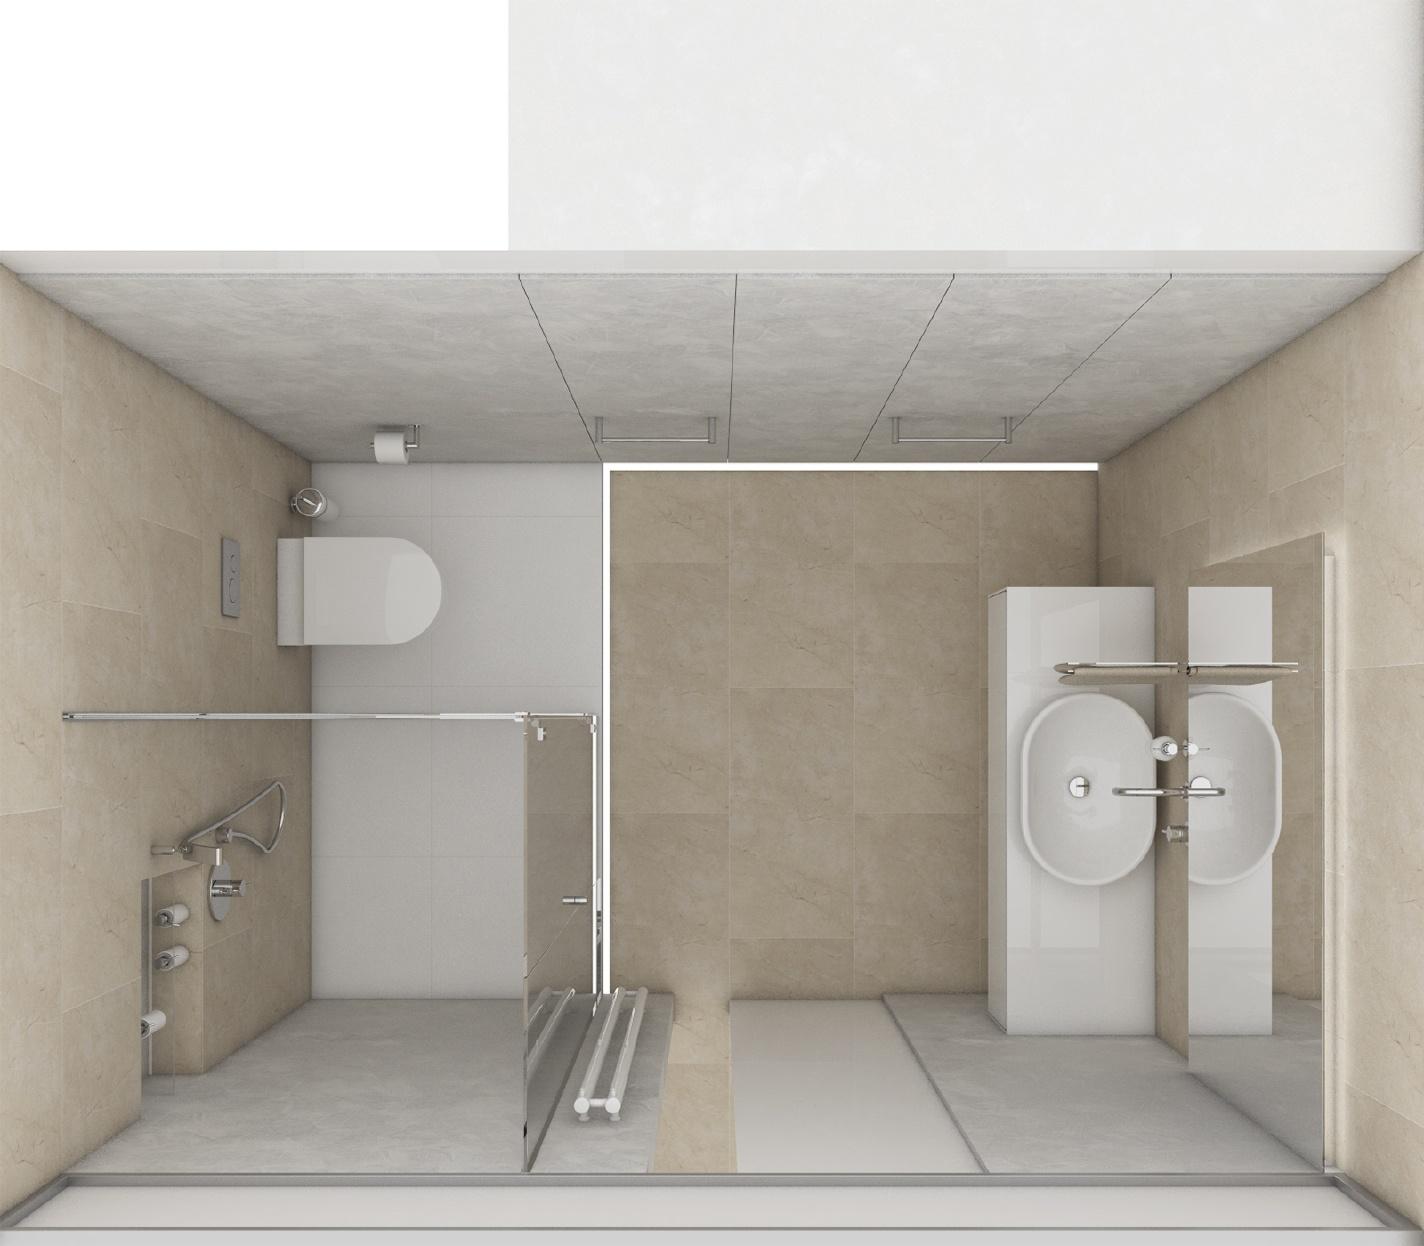 Modernes badezimmer halo perfecto design - Moderne badezimmer grundrisse ...